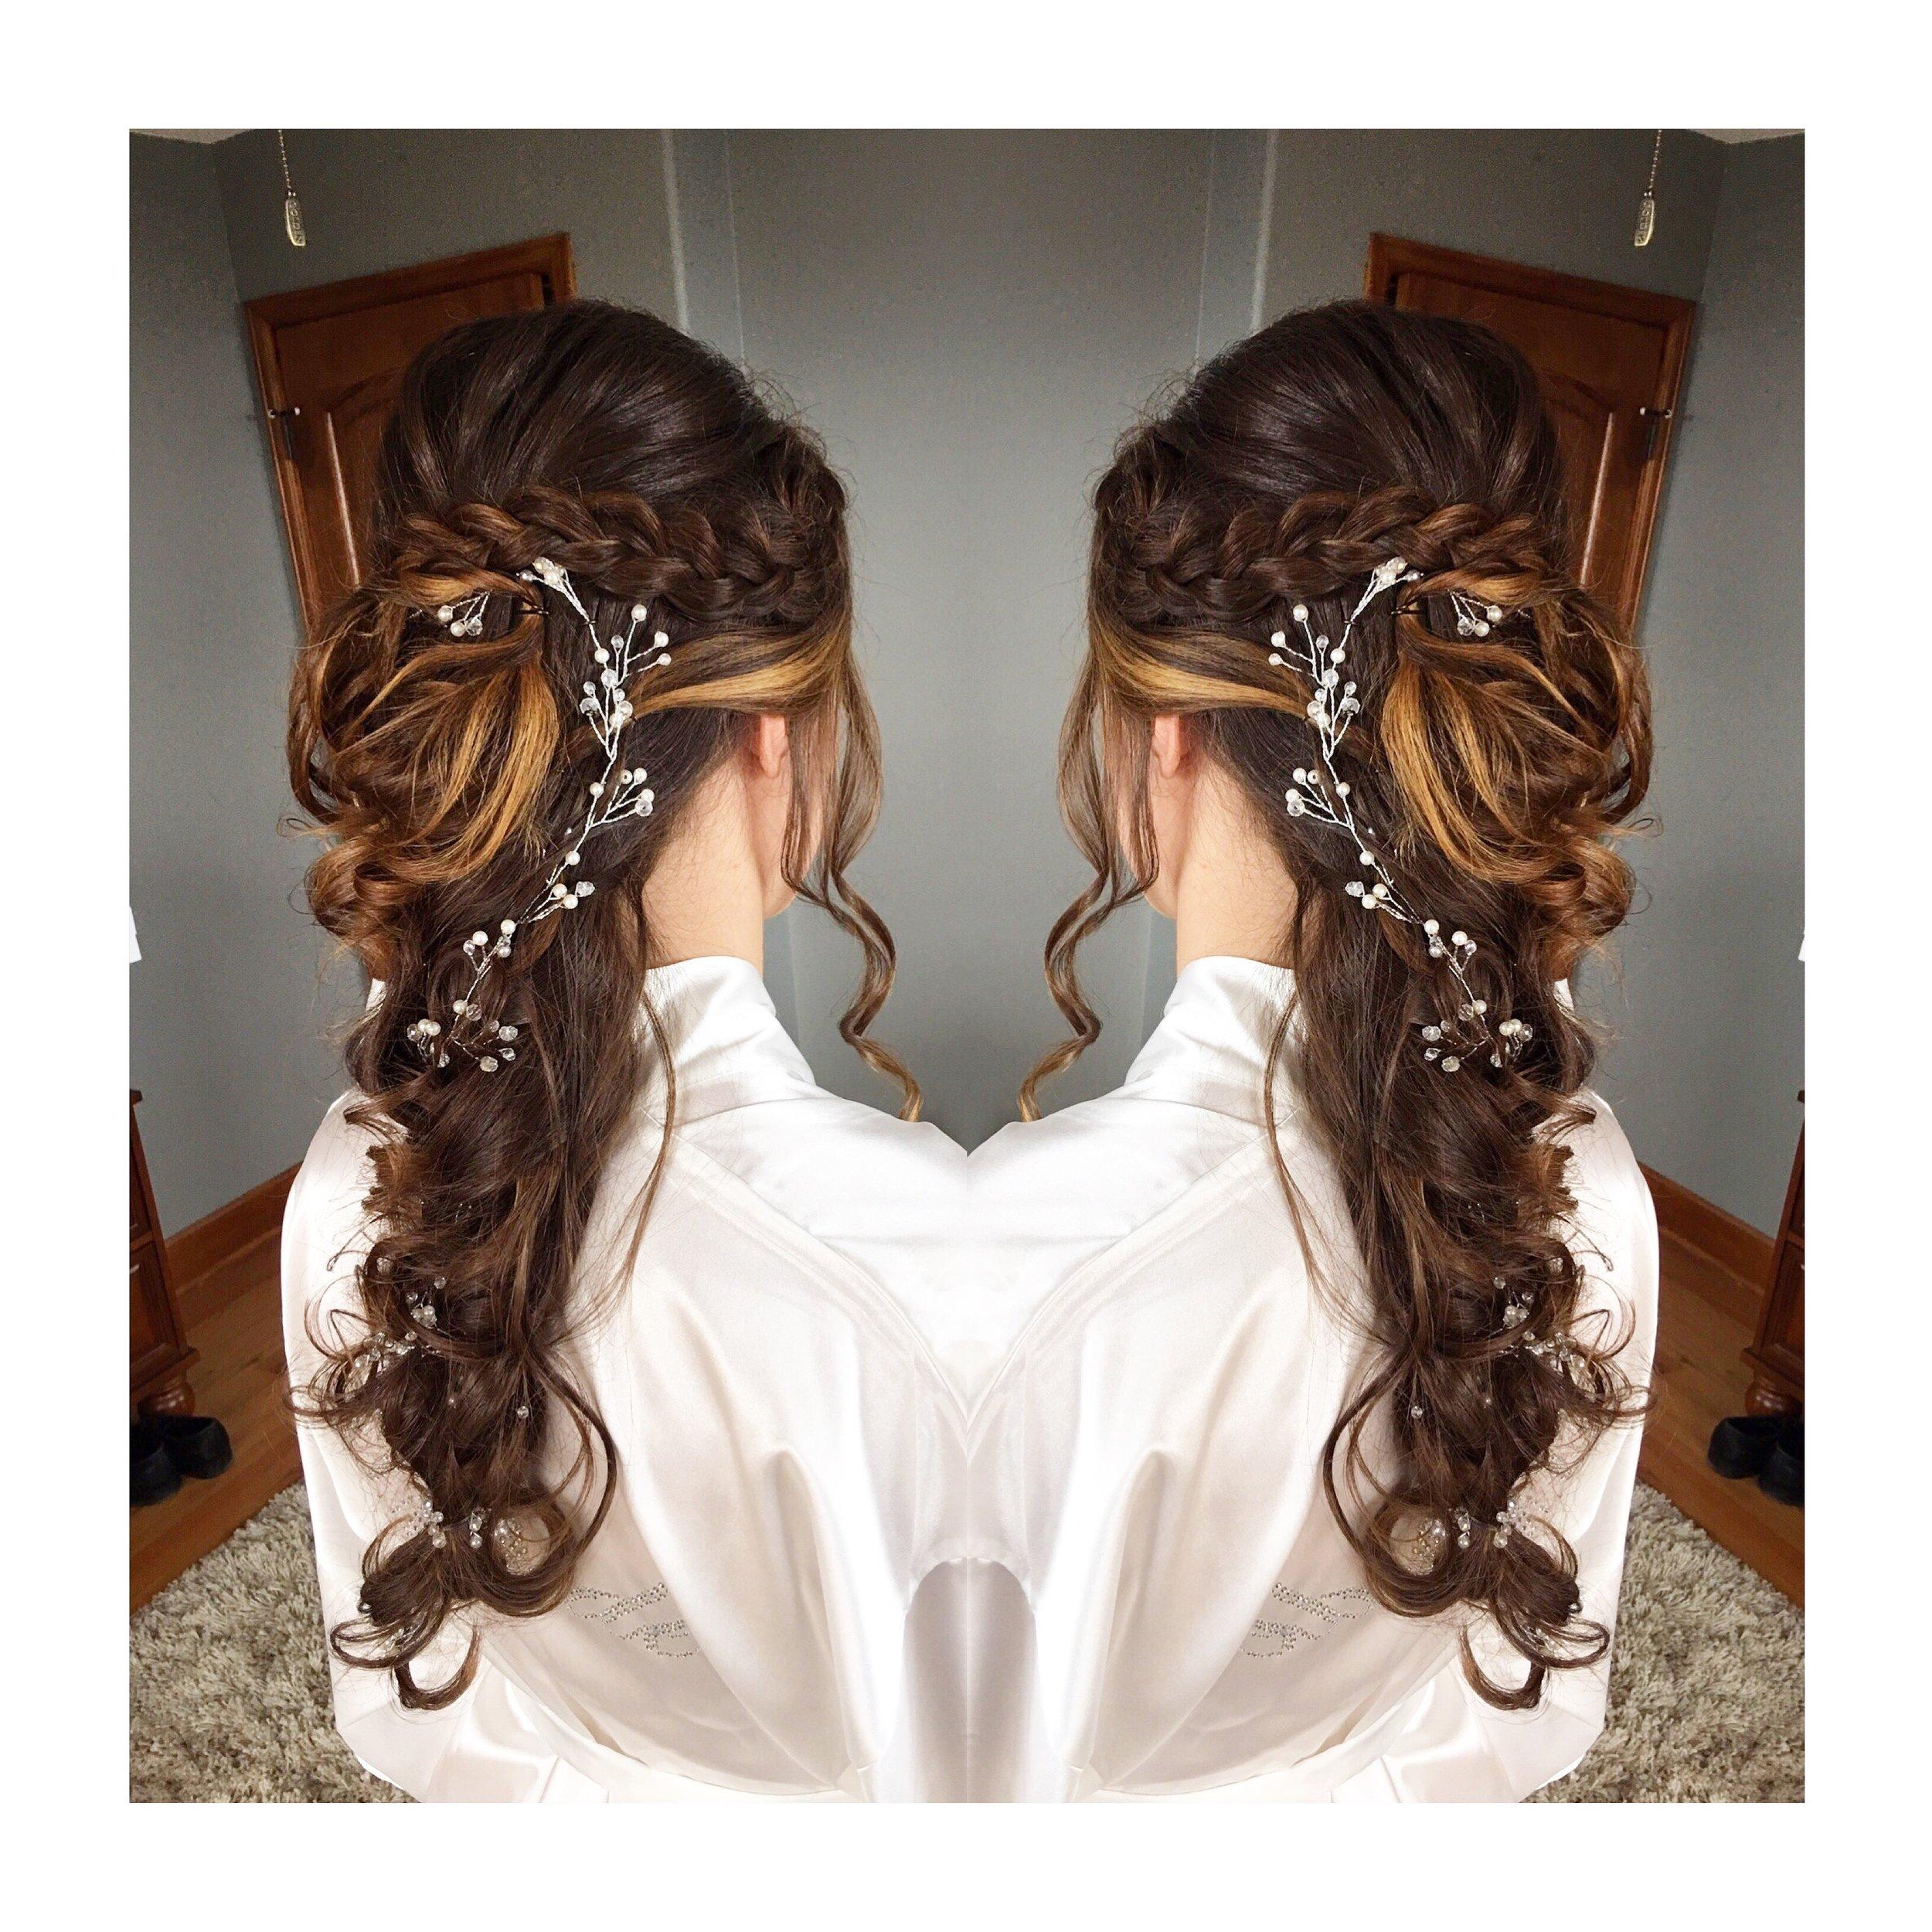 Denver-wedding-hairstylist-updo-specialist